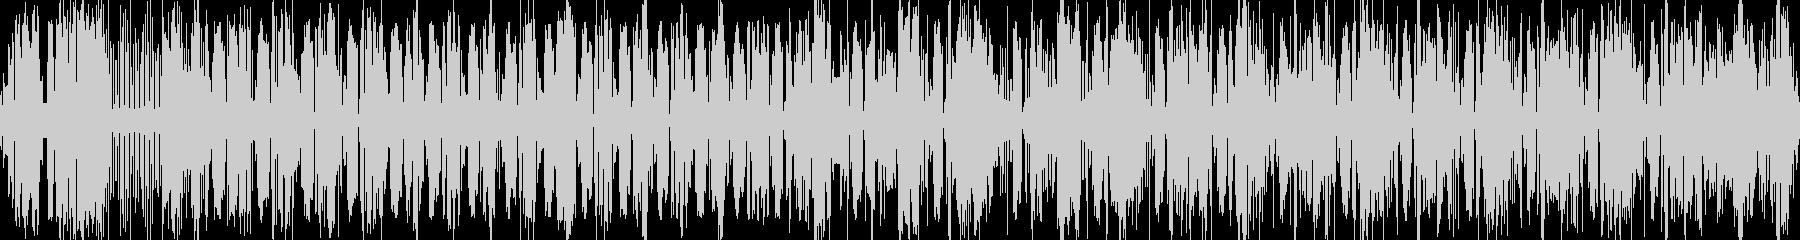 ギュイーン(発射音など)の未再生の波形